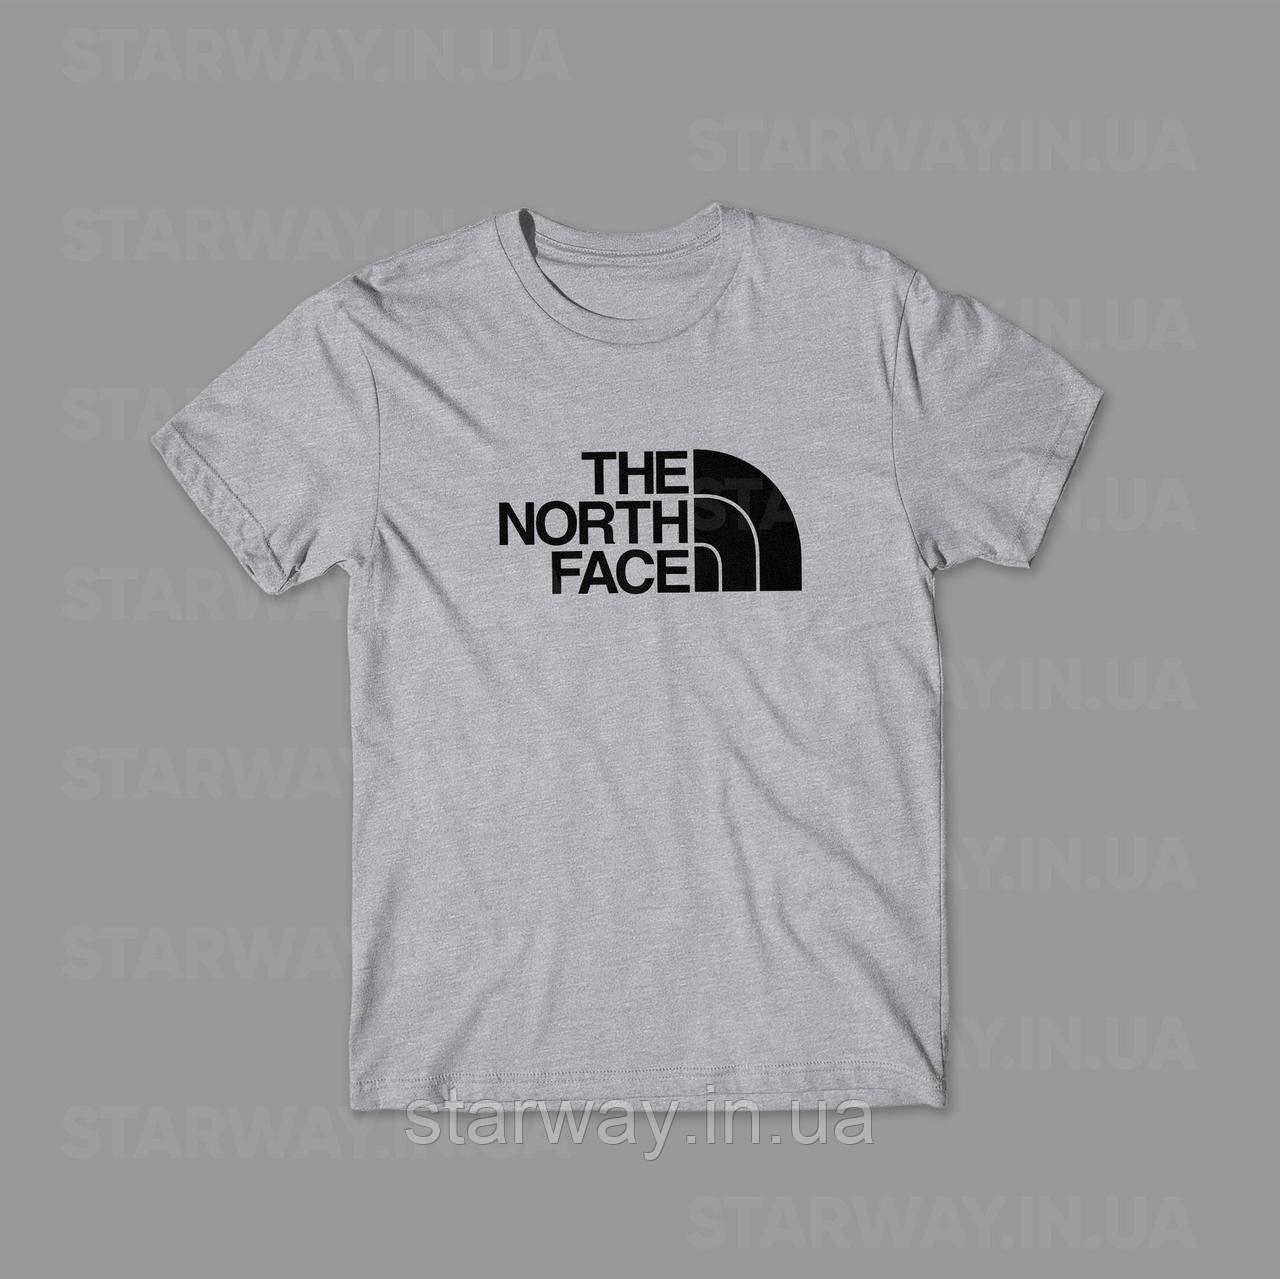 Футболка стильная принт The North Face лого топ